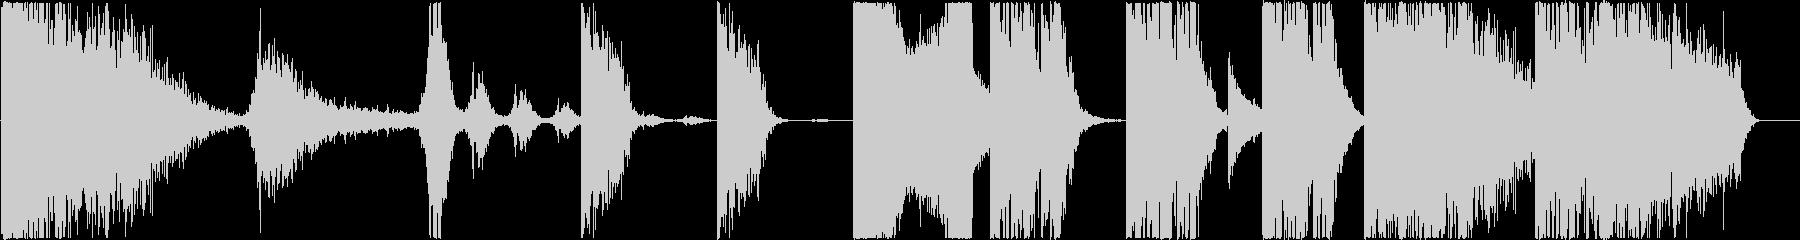 トレーラー : 打楽器中心の未再生の波形